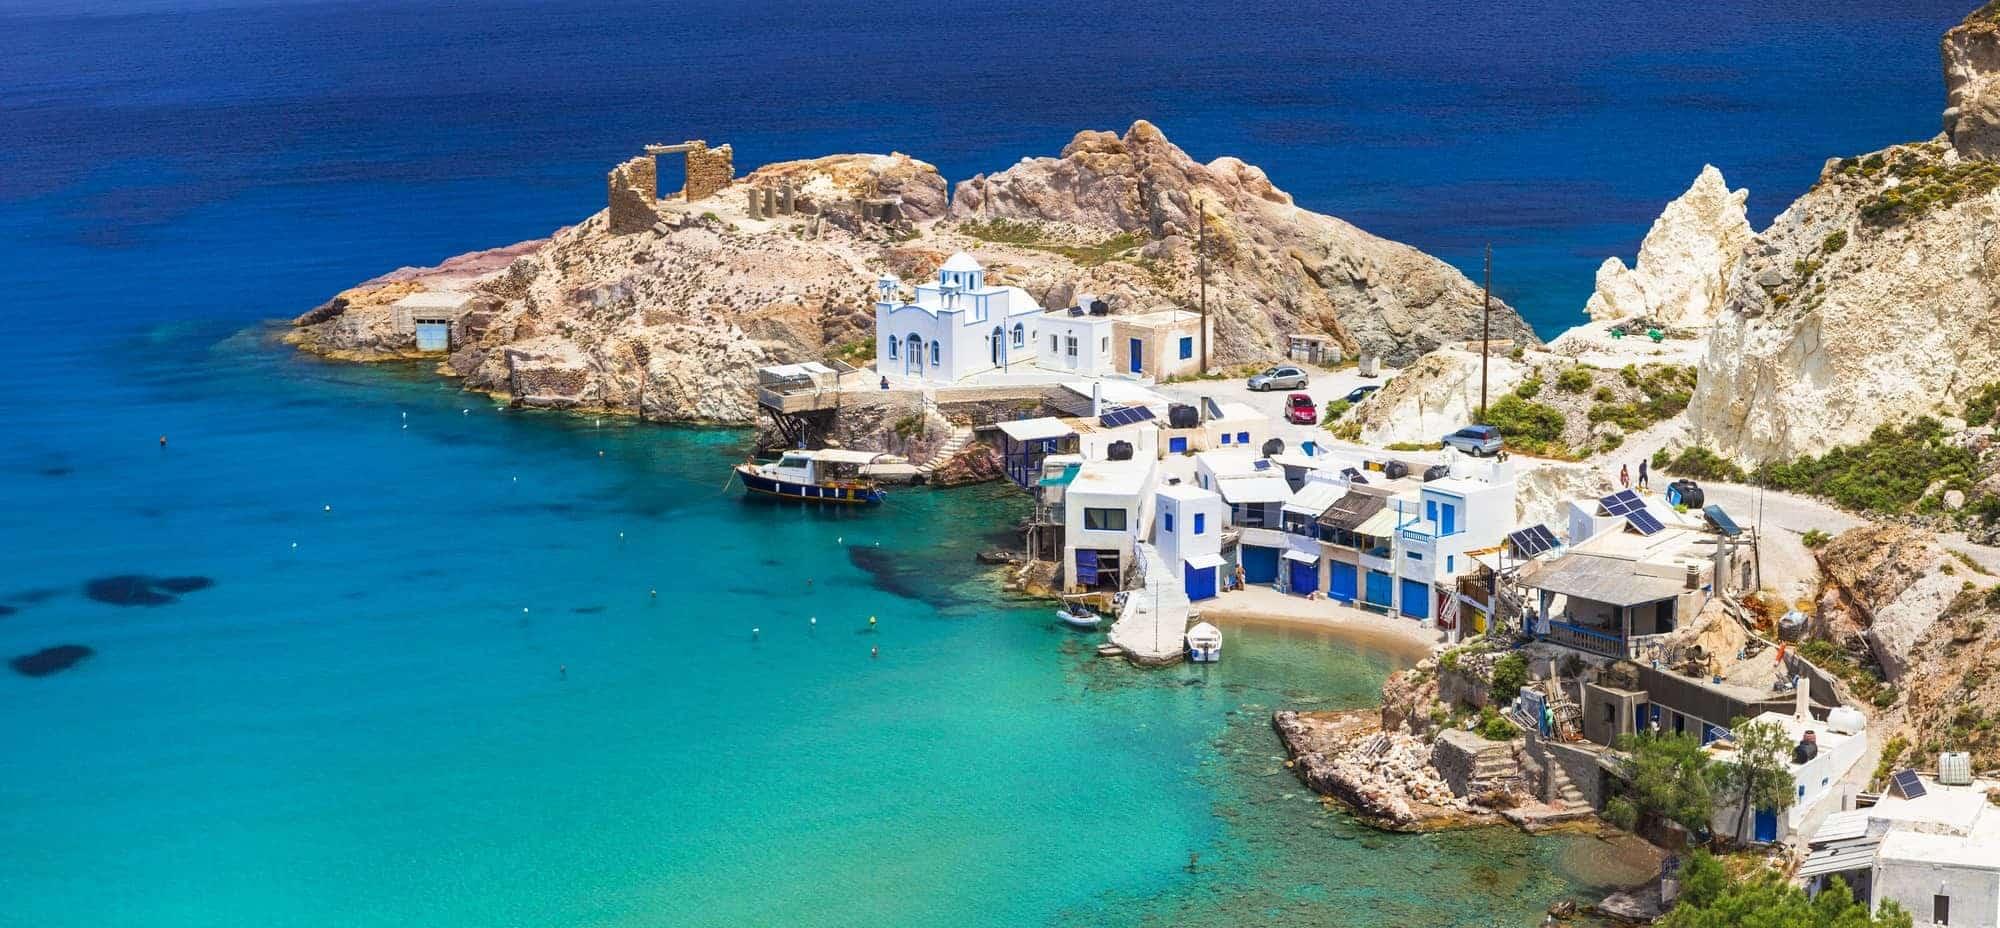 Rejser til Grækenland. Milos, Fyropotamos landsby. De græske øer